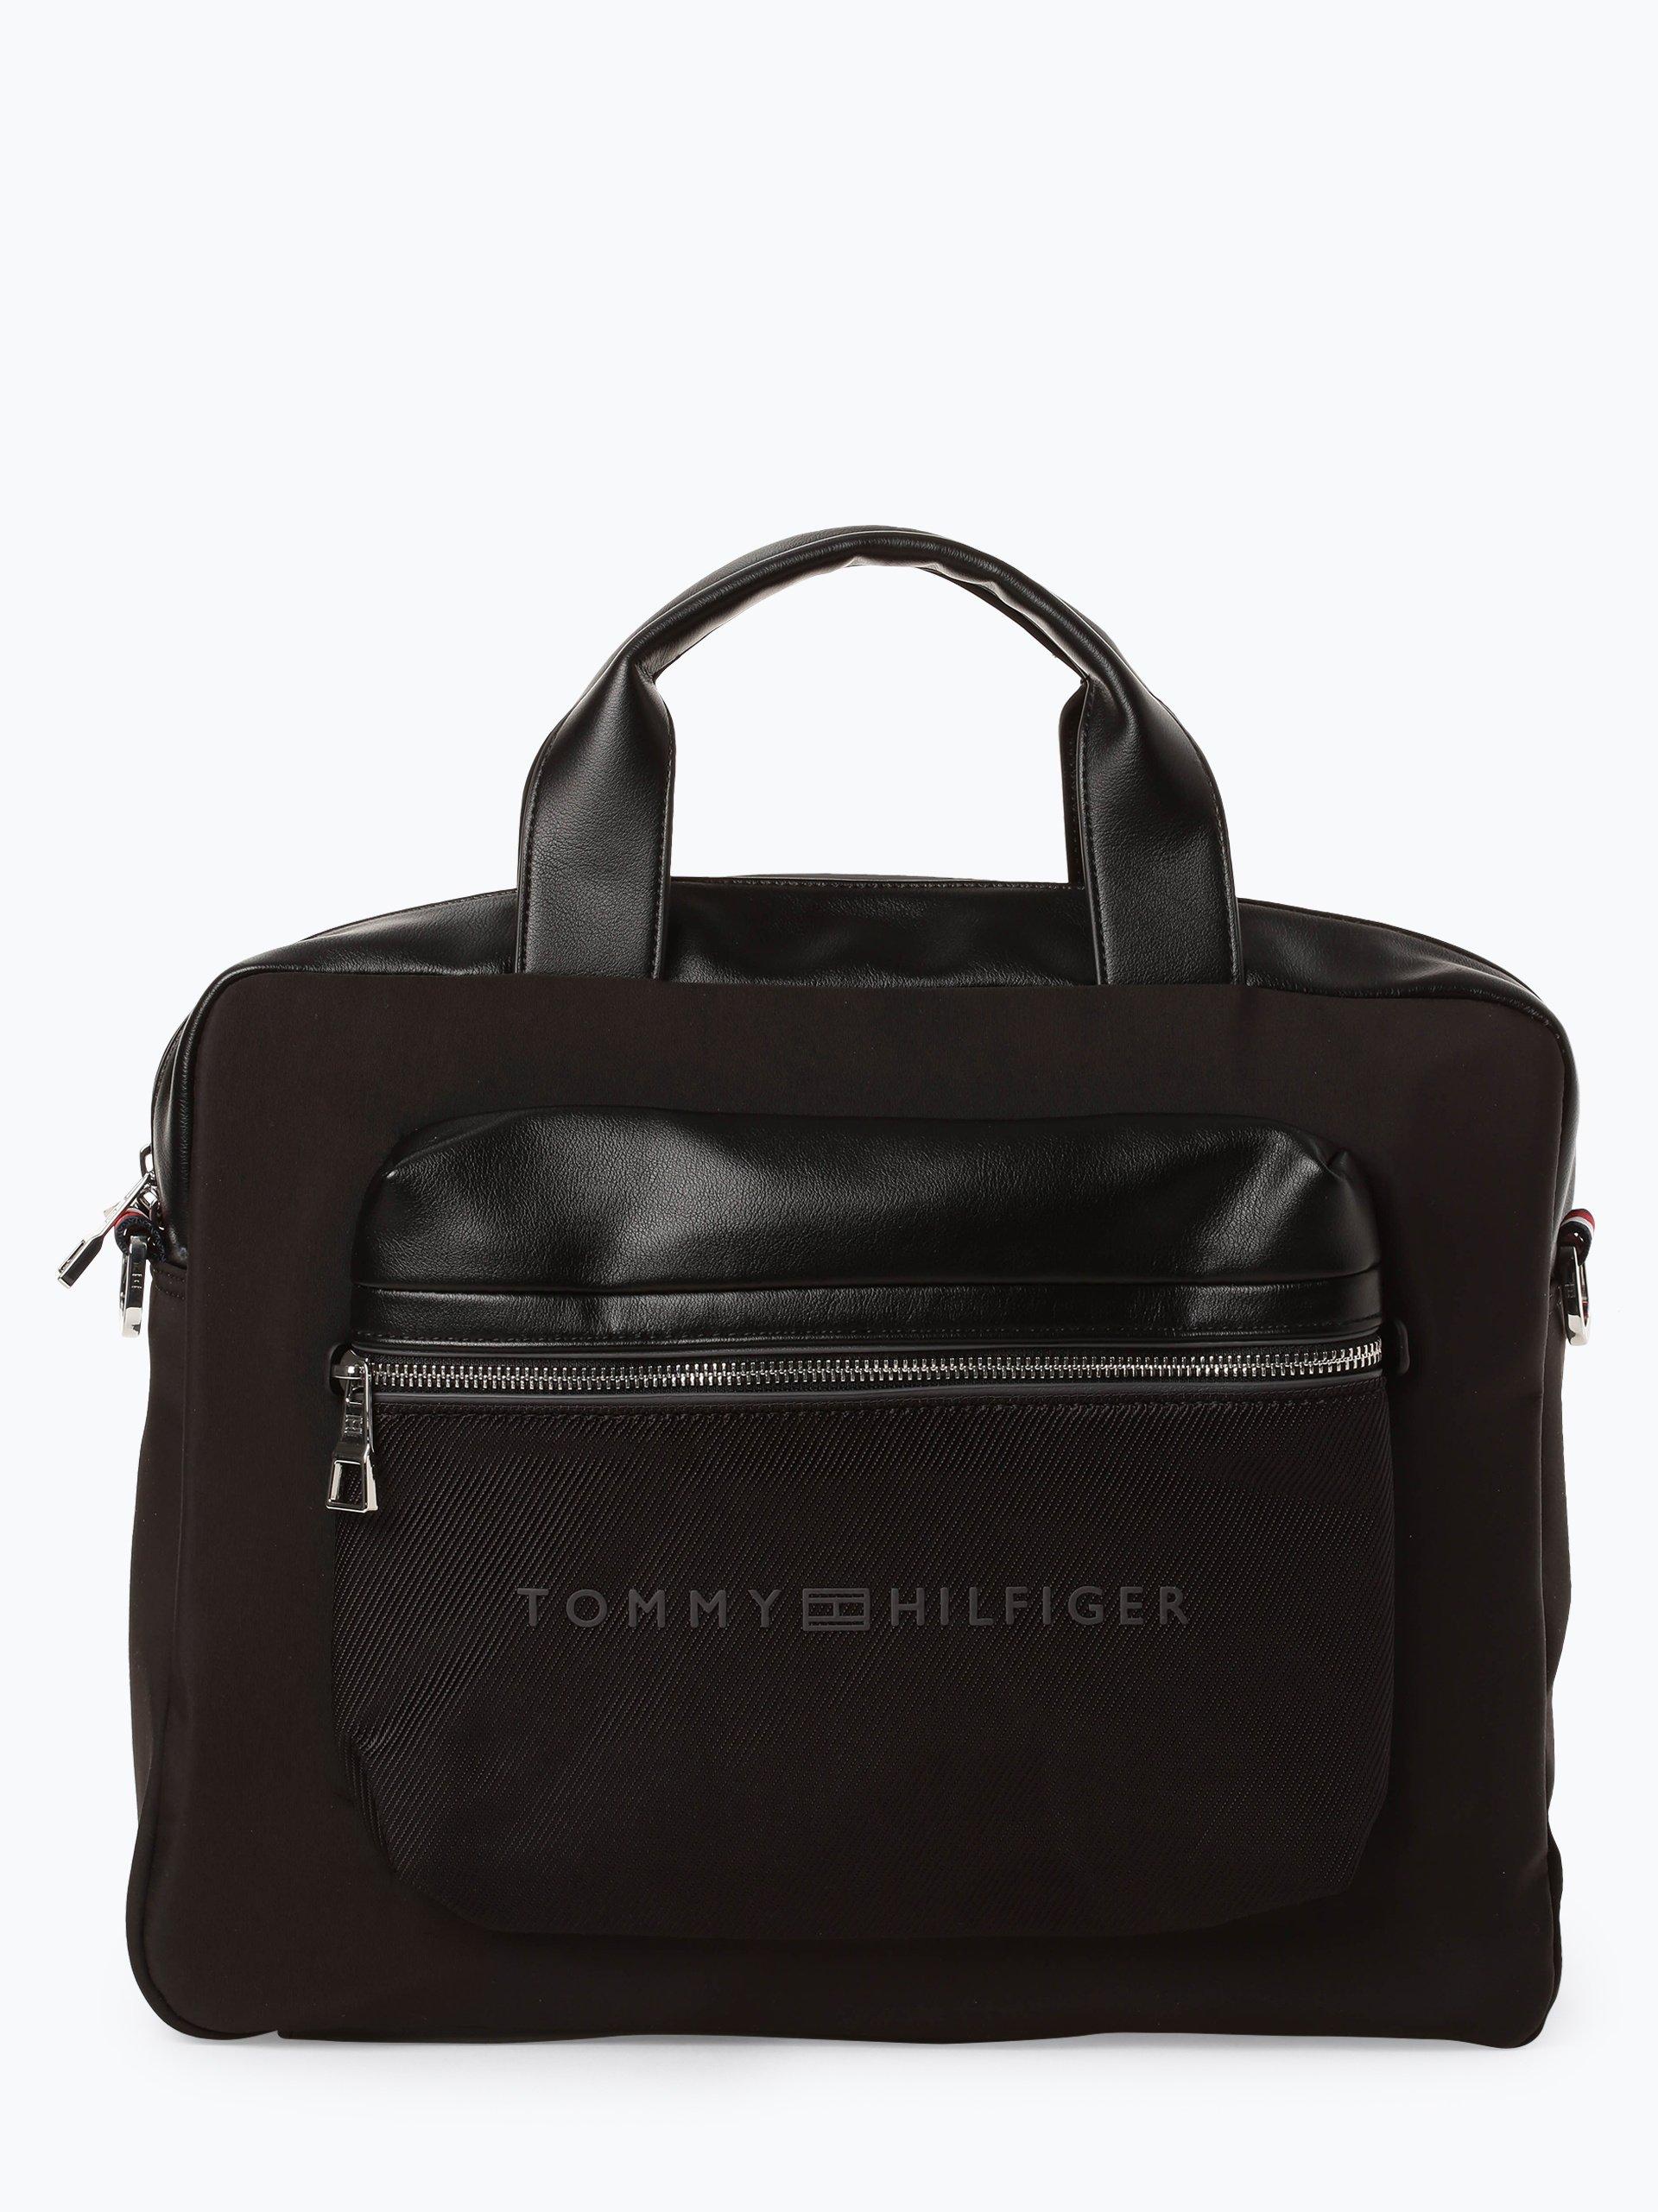 Tommy Hilfiger Herren Tasche